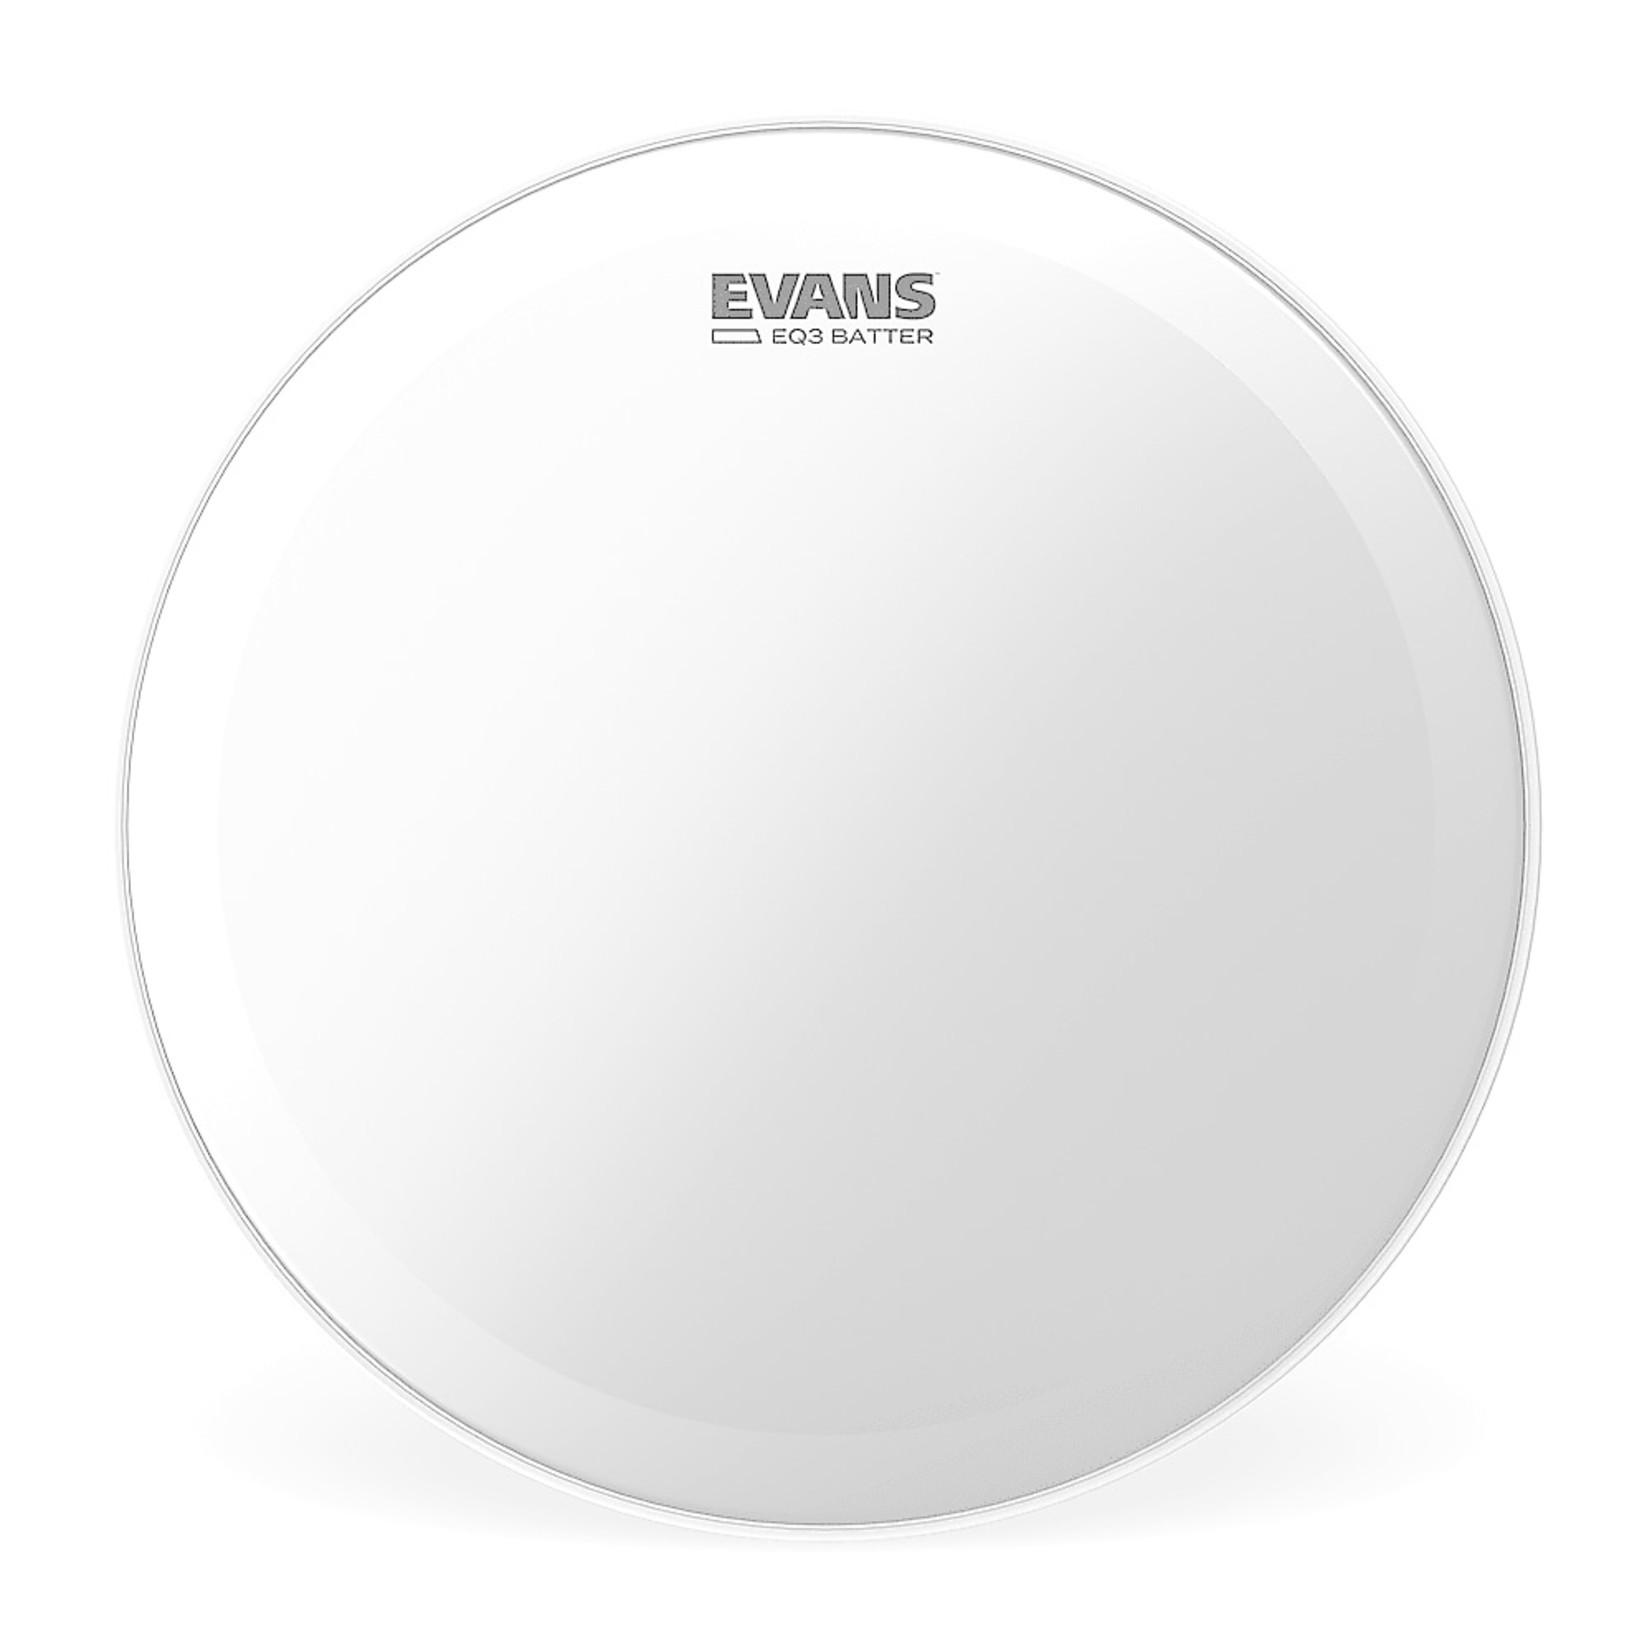 Evans Evans Coated EQ3 Bass Drum Batter